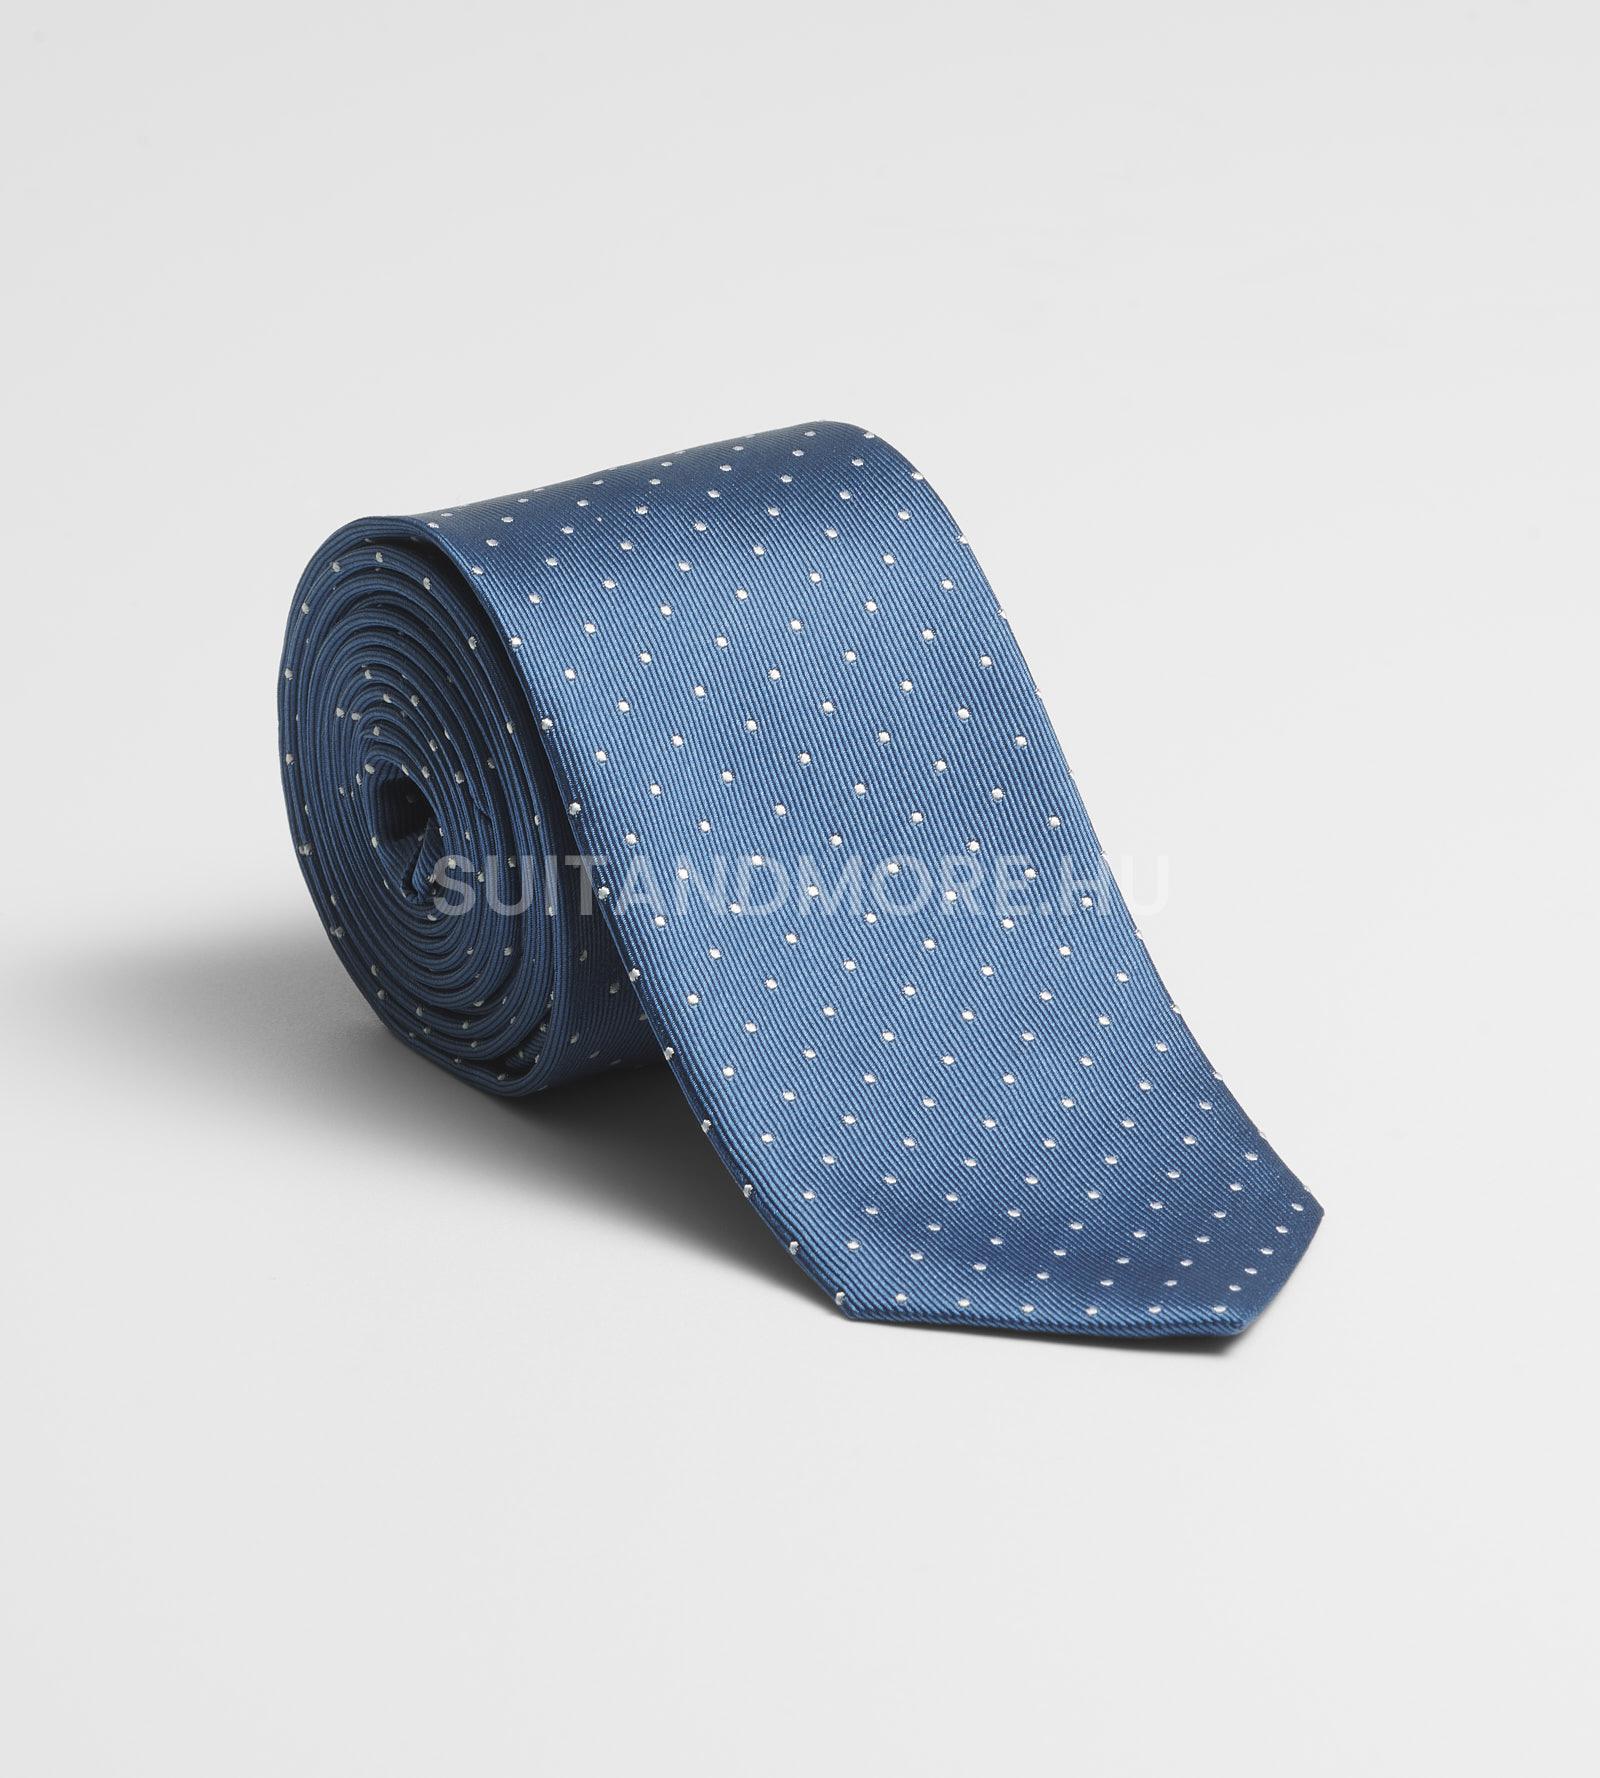 olymp-kozepkek-pottyos-selyem-nyakkendo-1799-00-17-01